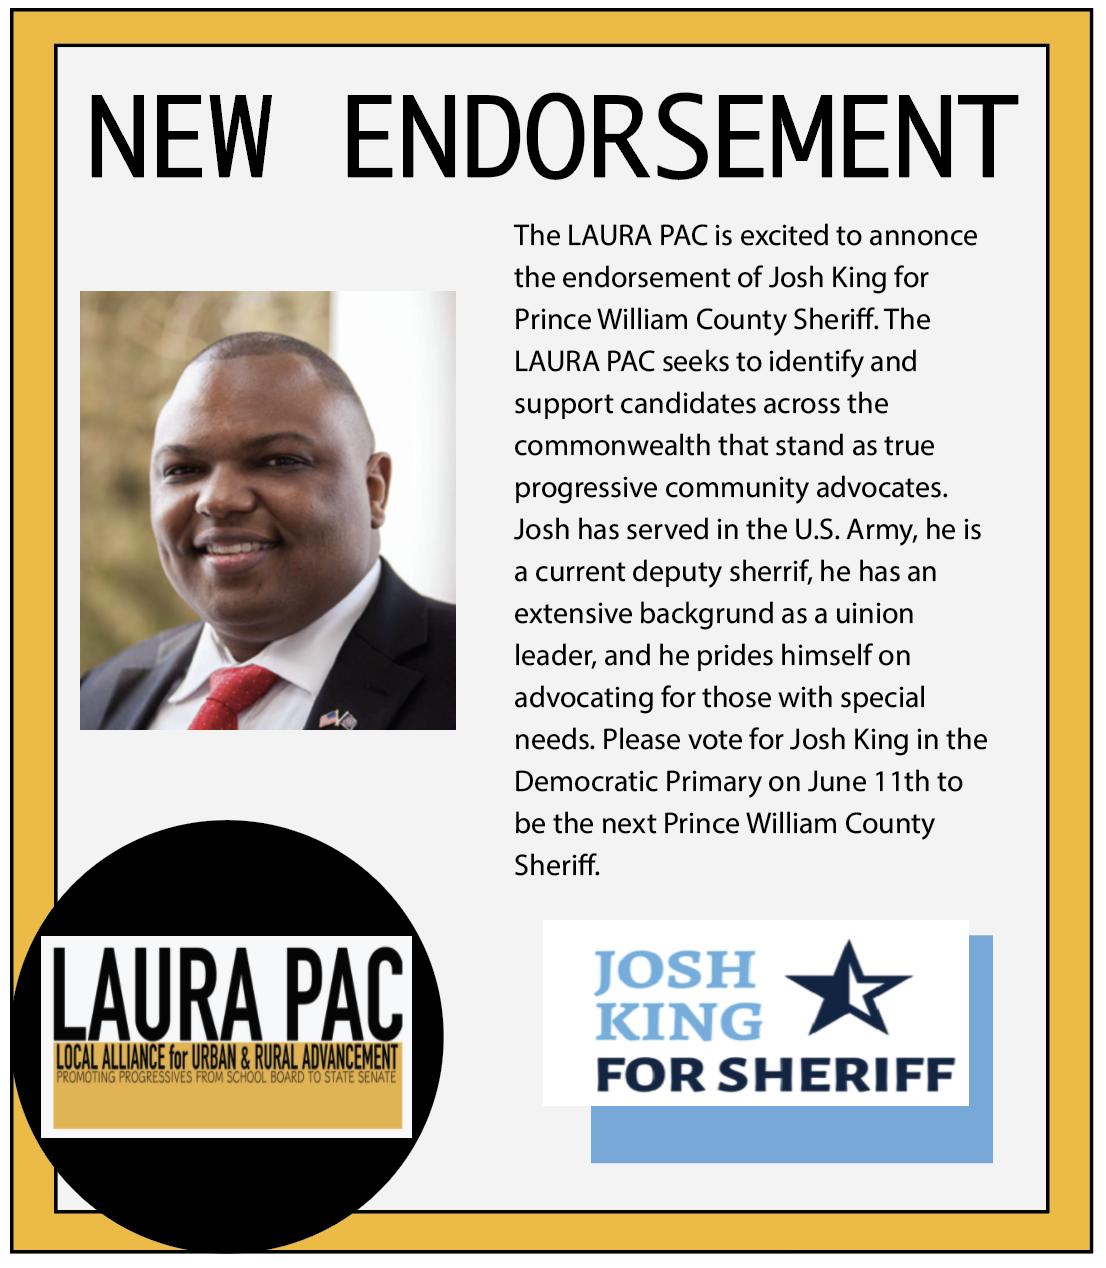 LAURA PAC Josh King PWC Sheriff.png